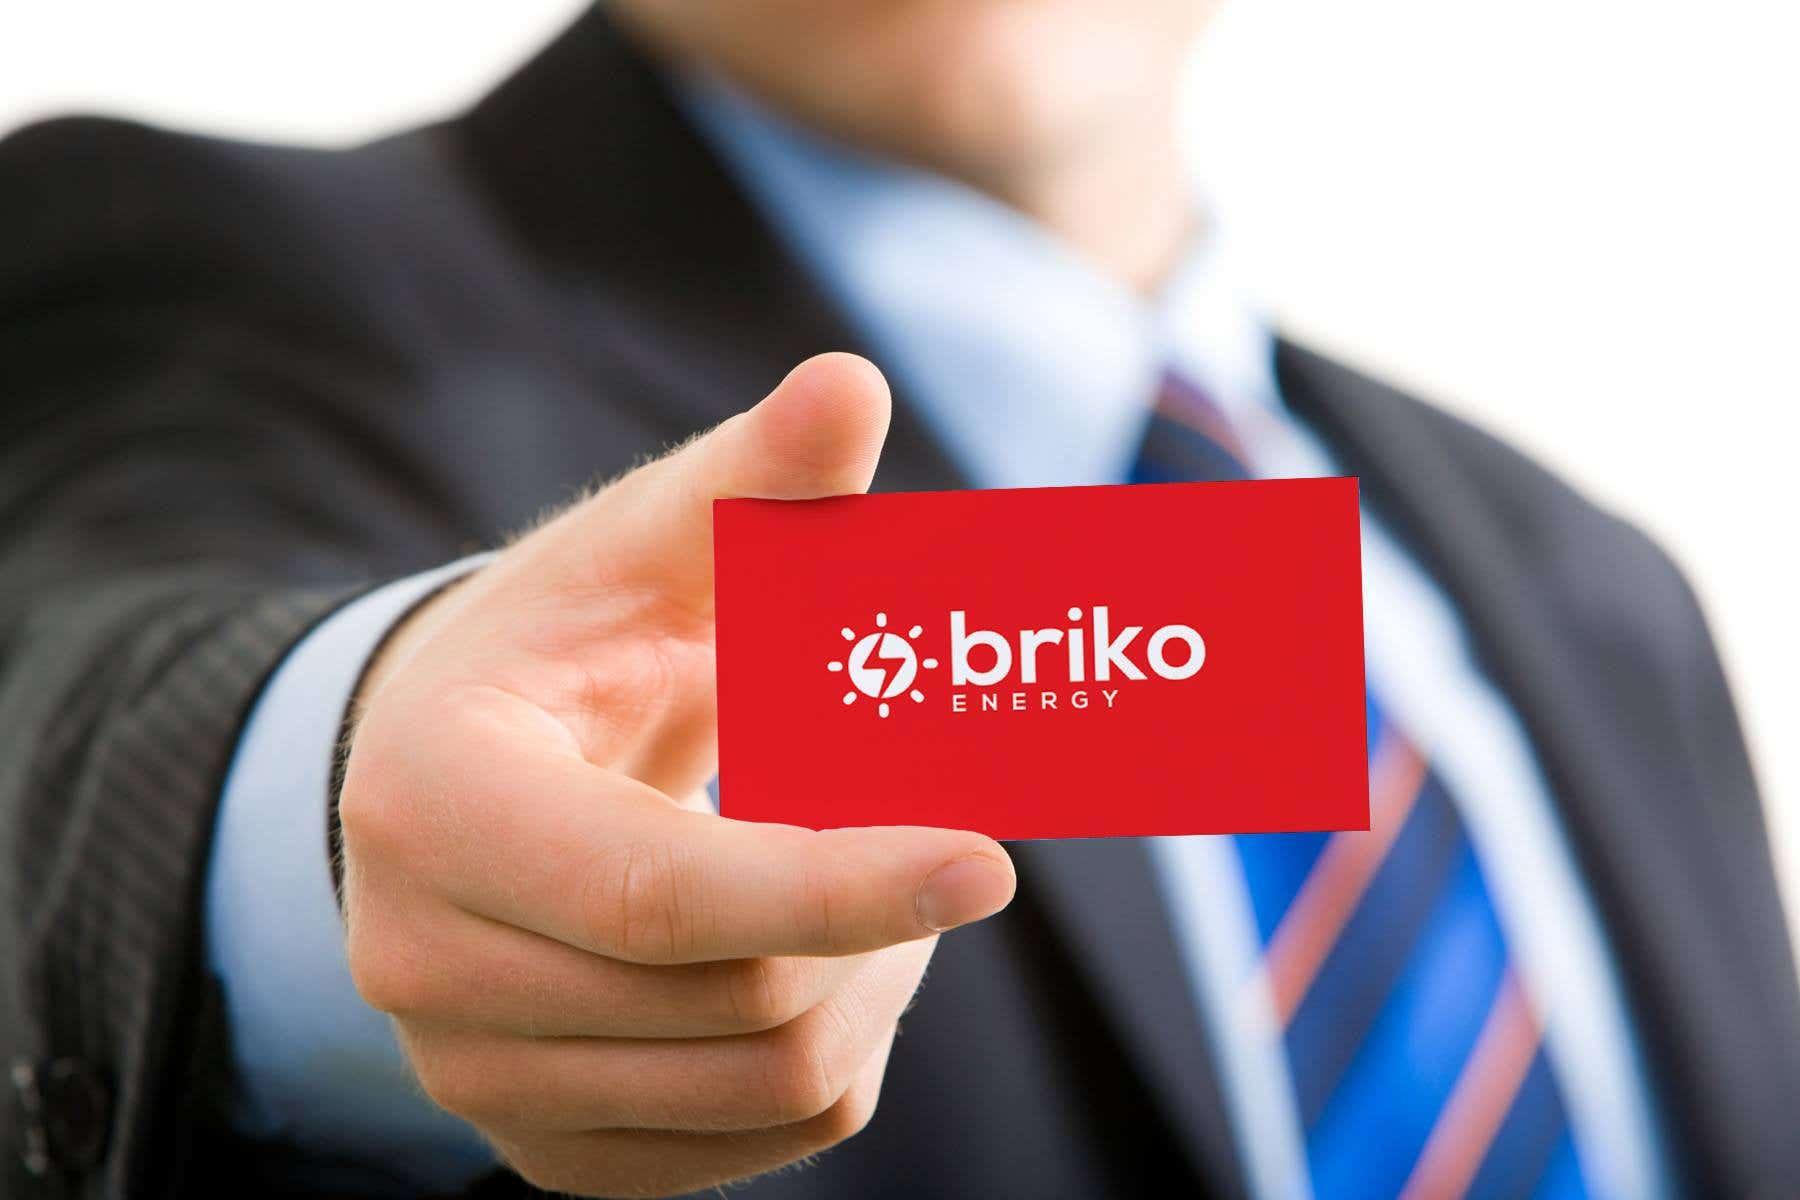 Briko Energy Branding